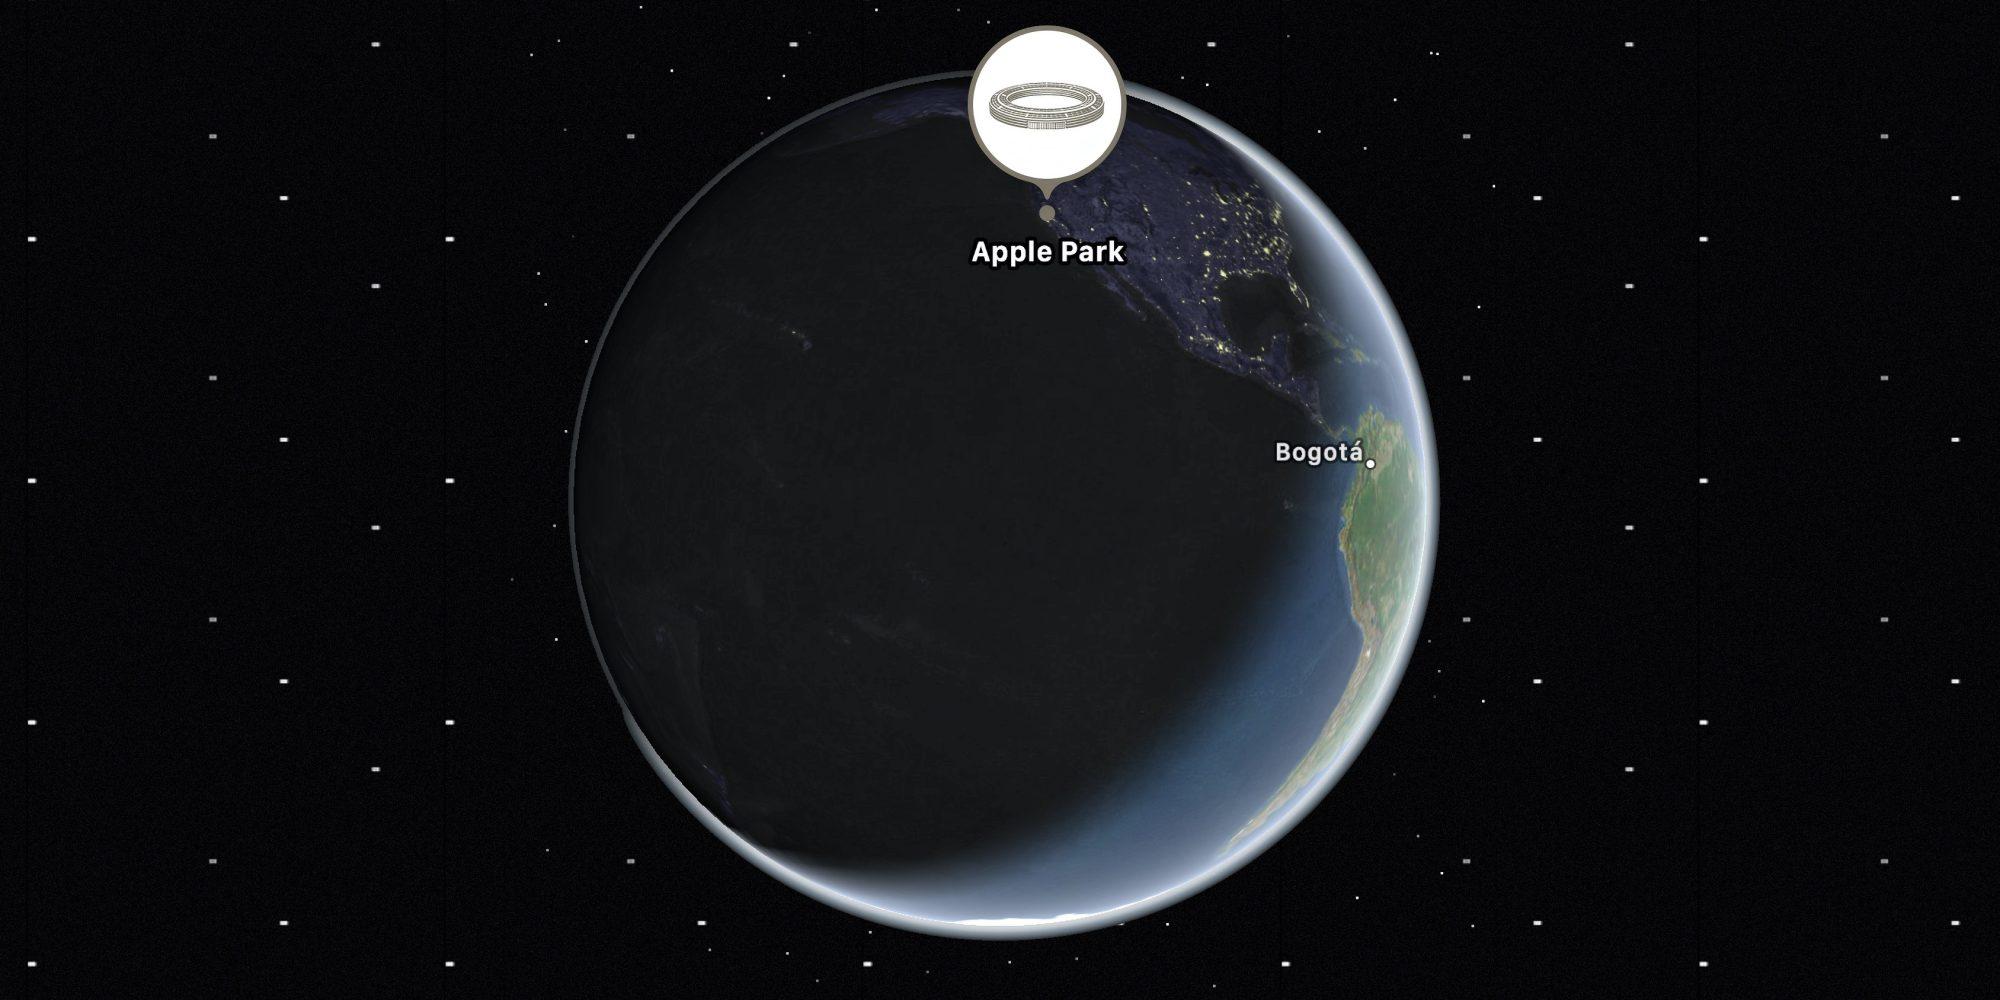 苹果秘密开发卫星及无线技术 向iPhone发送网络连接等数据